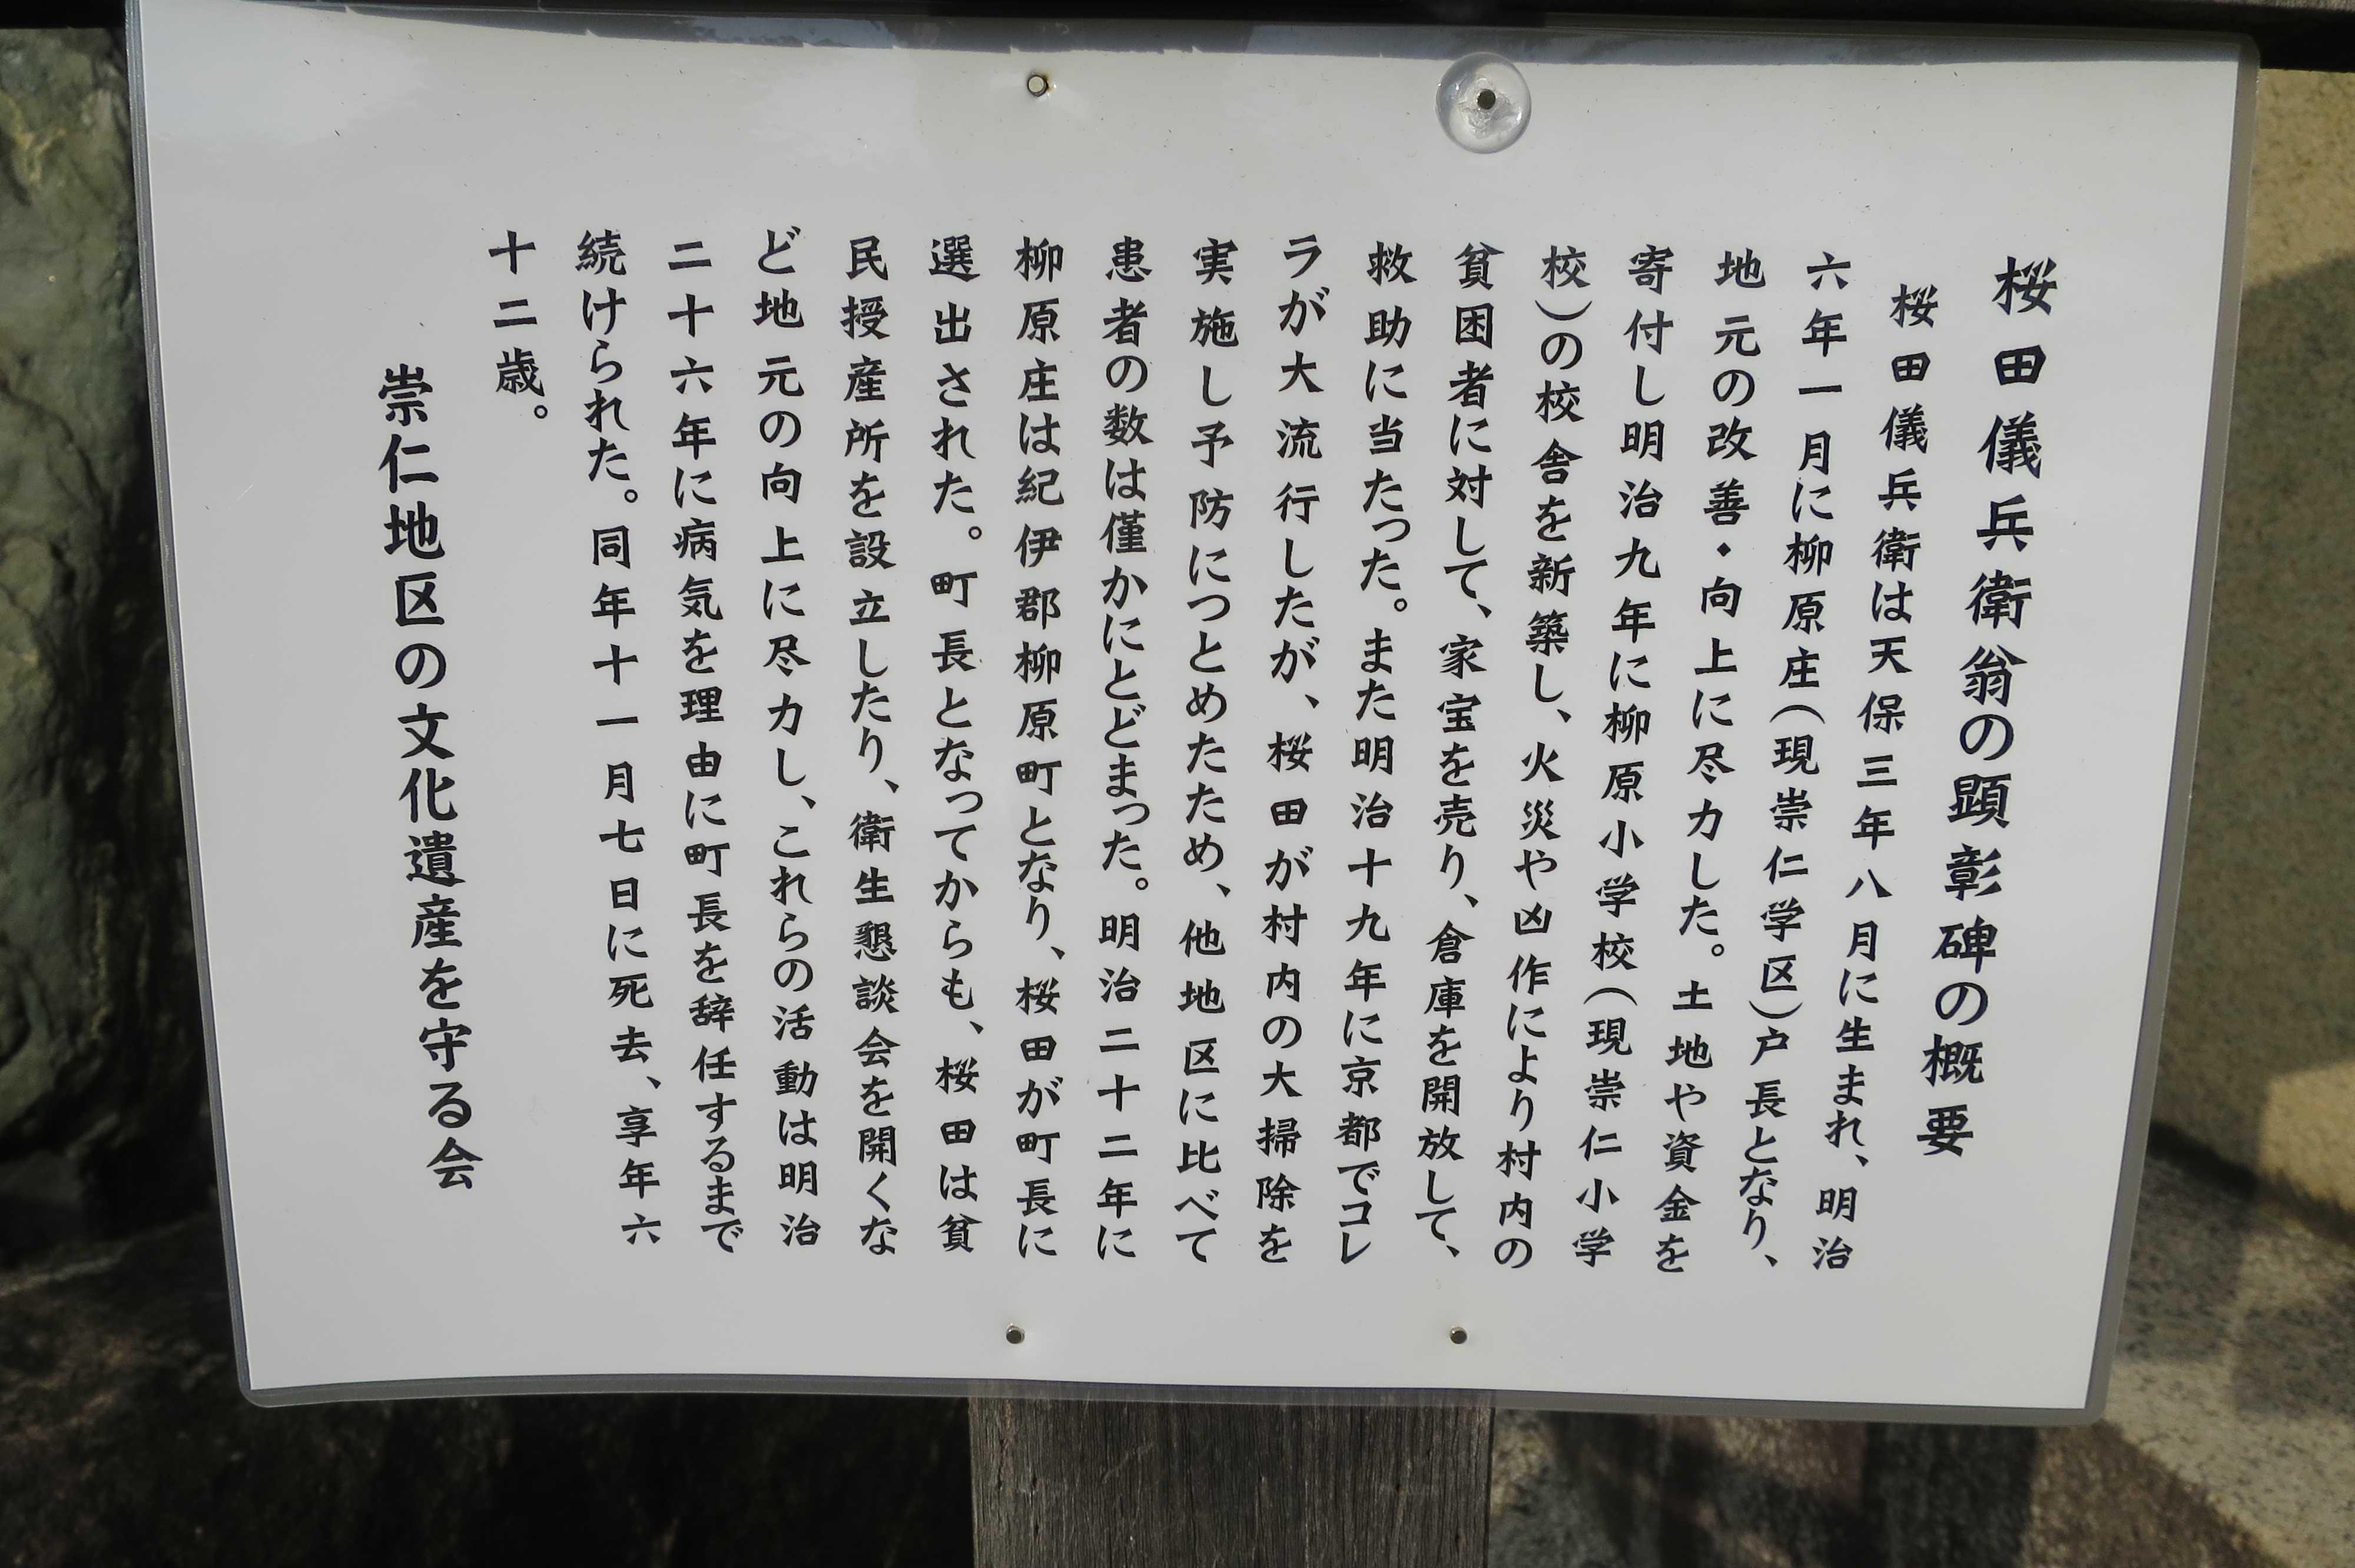 京都・崇仁地区 - 桜田儀兵衛翁の顕彰碑の概要